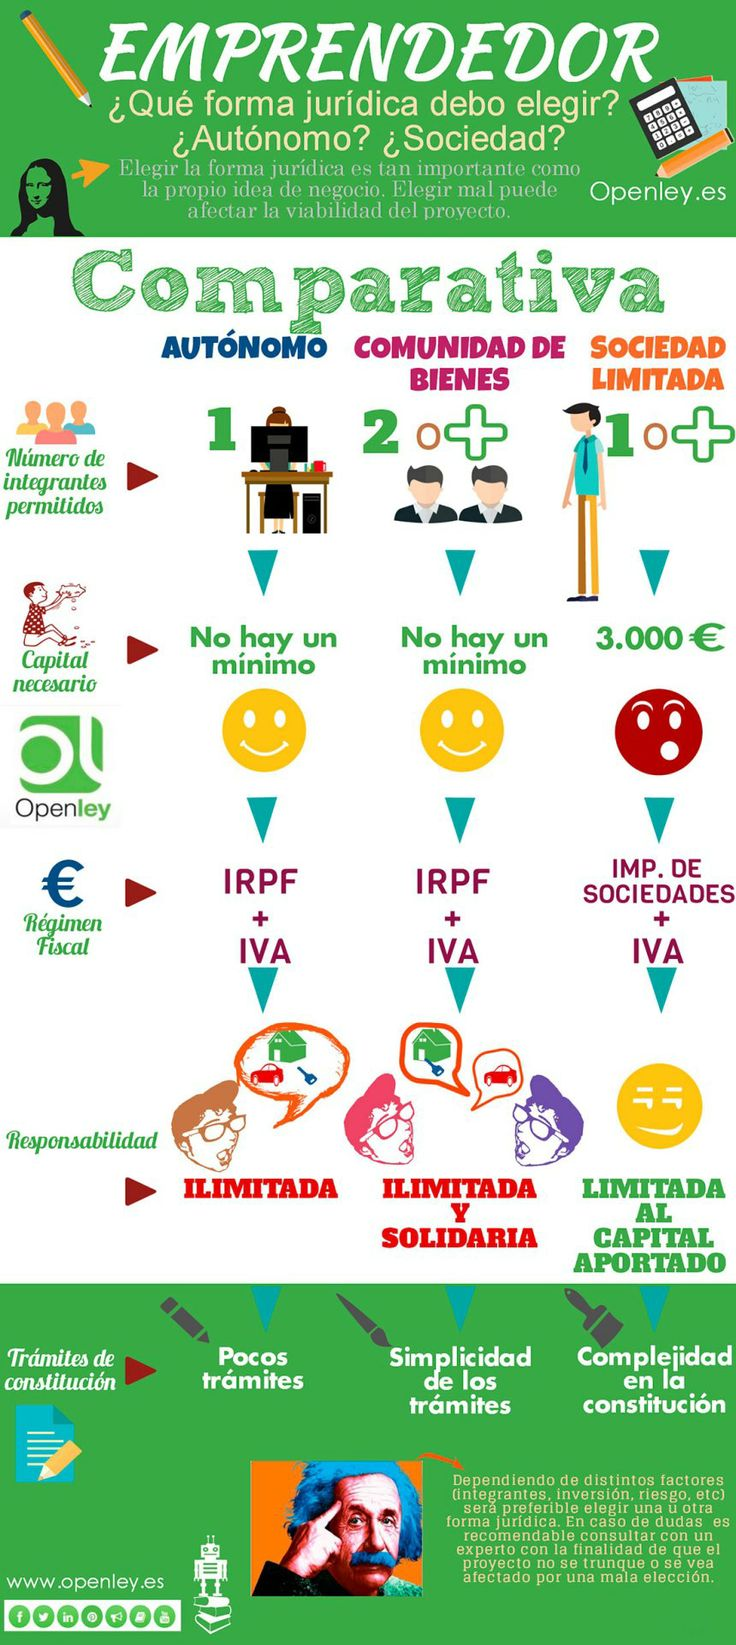 Emprendedor: ¿Qué forma jurídica debo elegir? vía: openley.es #infografia #infographic #emprendimiento